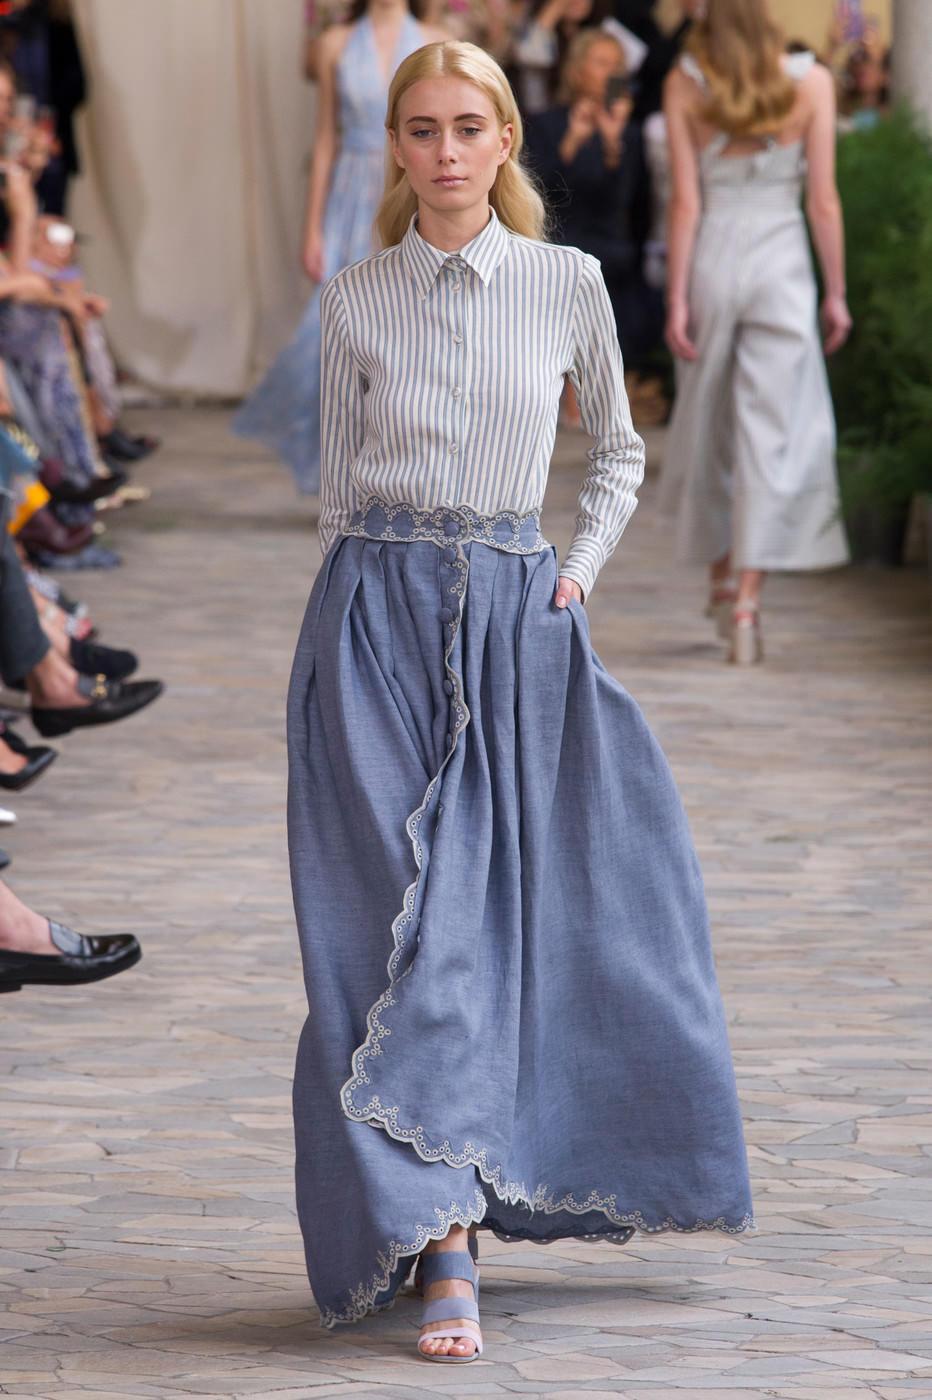 модные юбки весна лето 2019 фото: широкая в пол